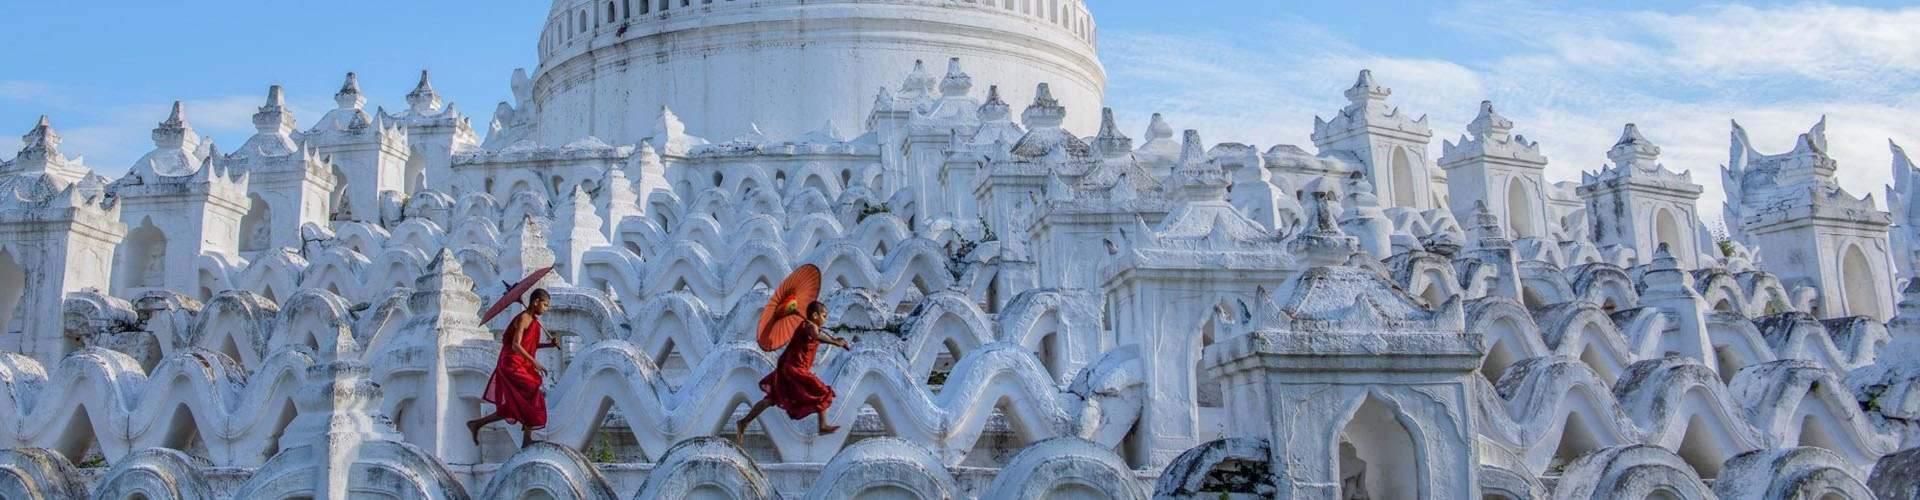 Myanmar attraction